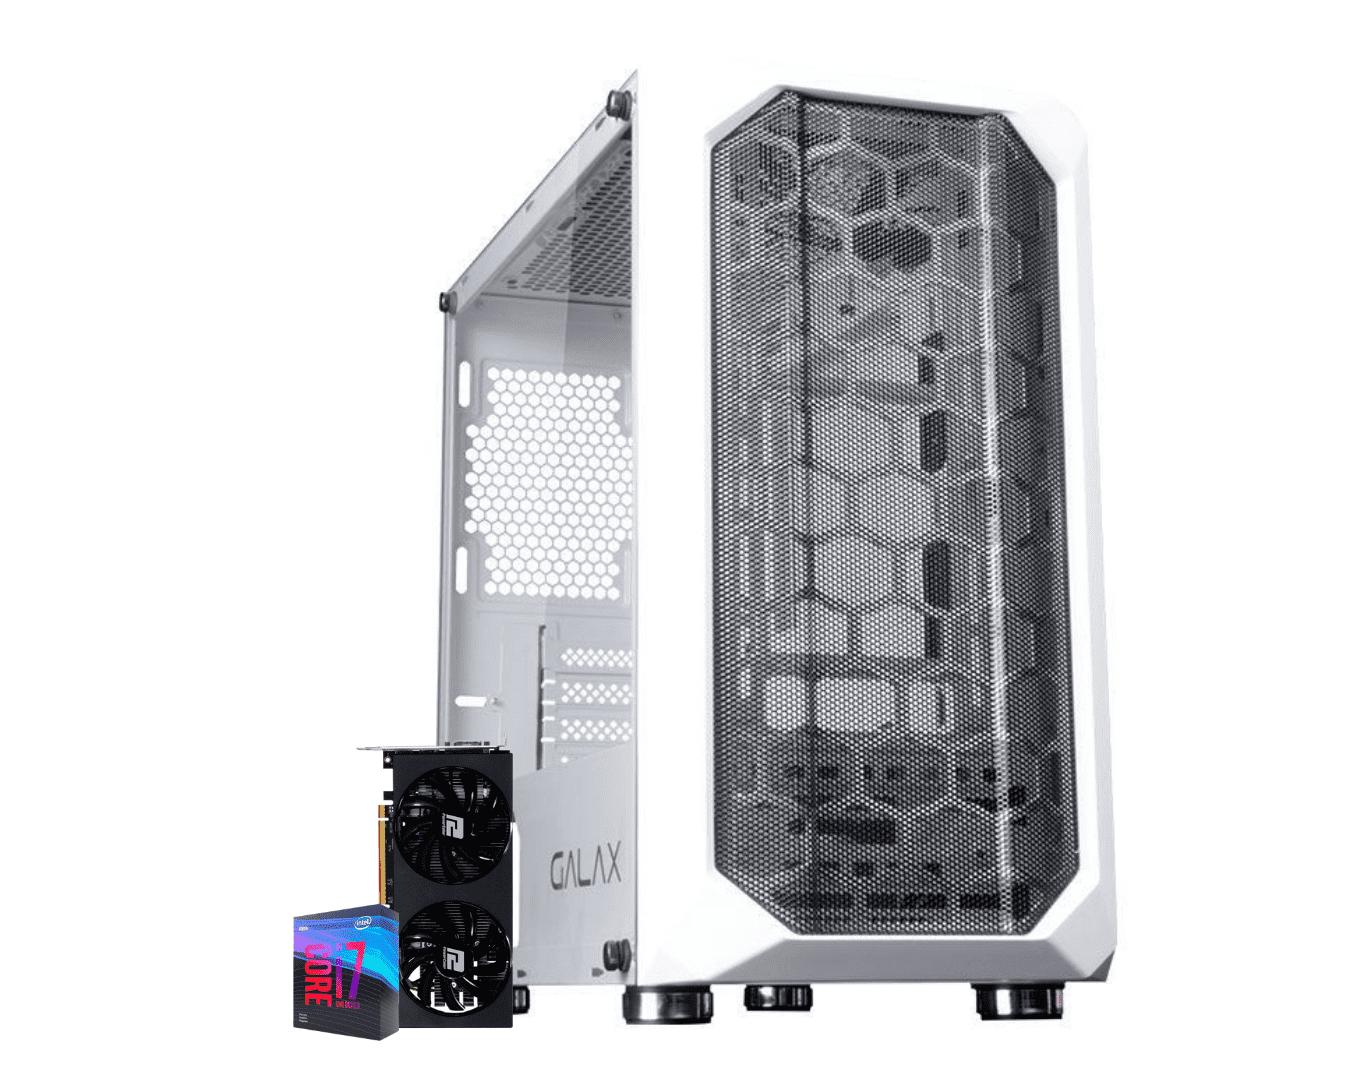 COMPUTADOR VERDANT GAMER, I7 9700K, RADEON RX 5700 XT 8GB, 16GB DDR4, SSD 120GB, HD 1TB, 600W, WATER COOLER 120MM